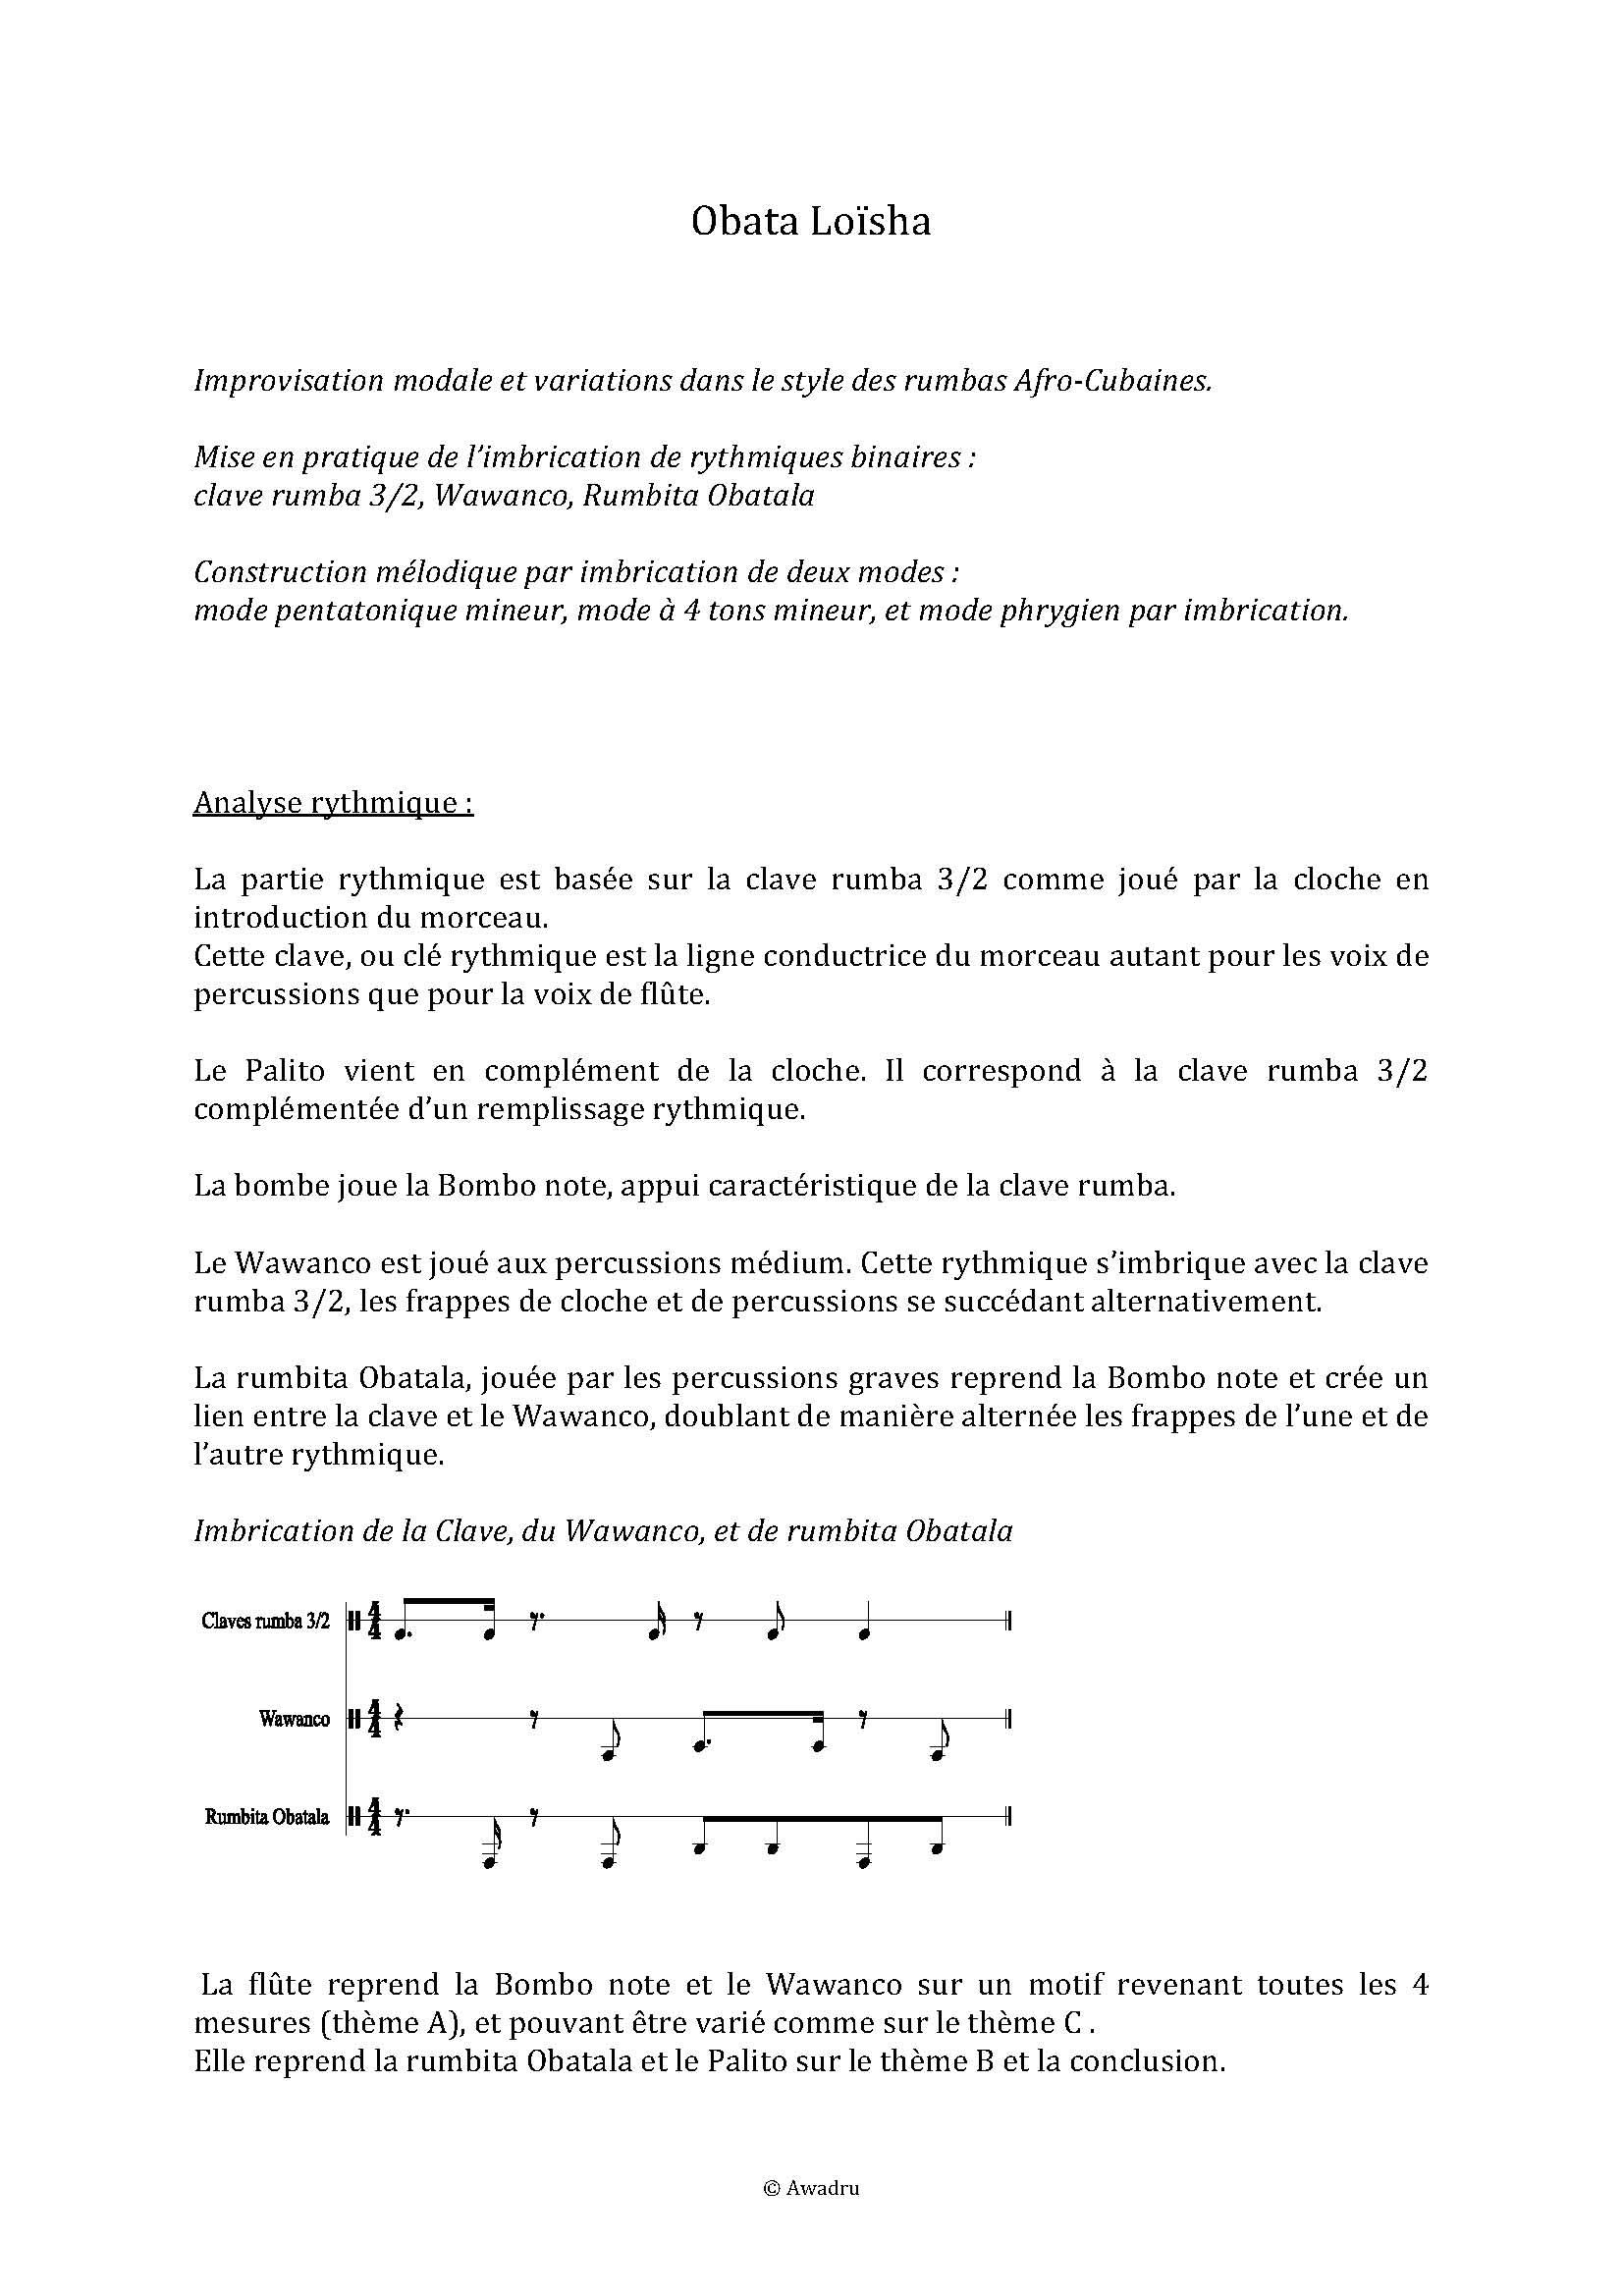 Obata Loïsha - Quatuor Flûte Percussions - LEDROIT F. - Fiche Pédagogique